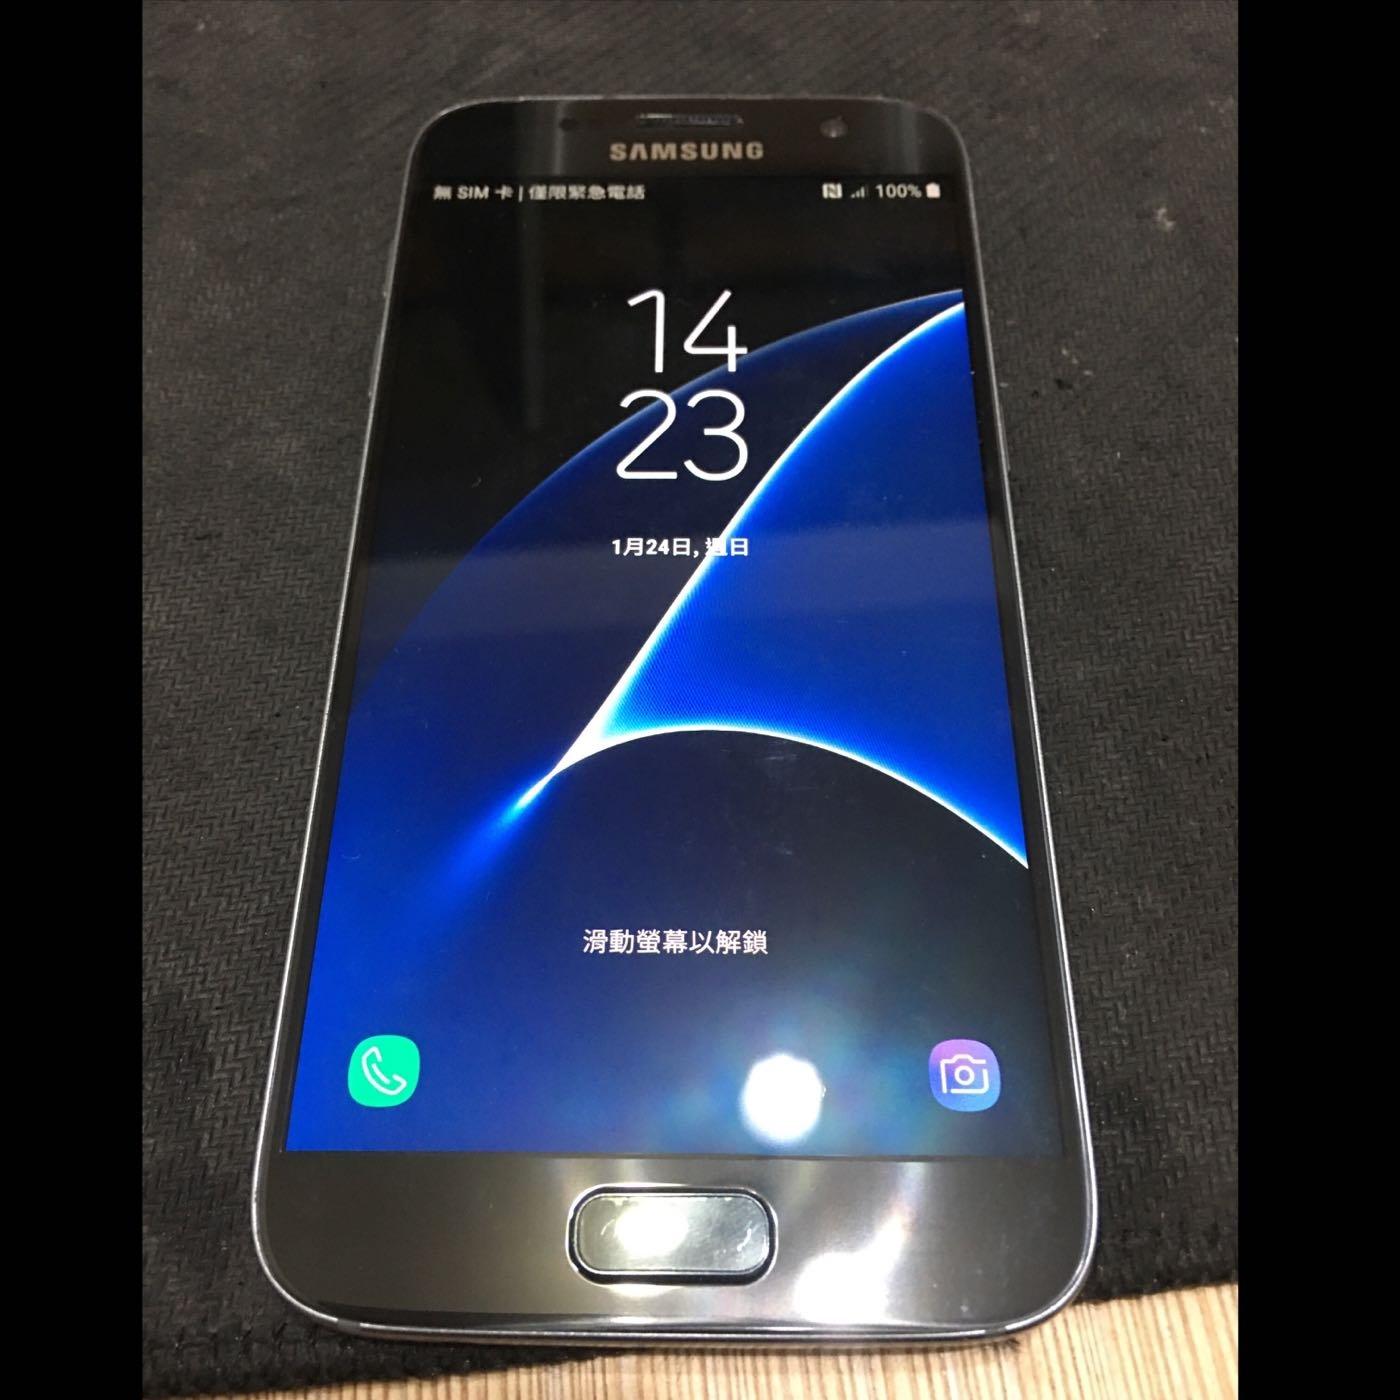 二手SAMSUNG Galaxy S7 edge平面/黑藍/32G三星手機G930FD